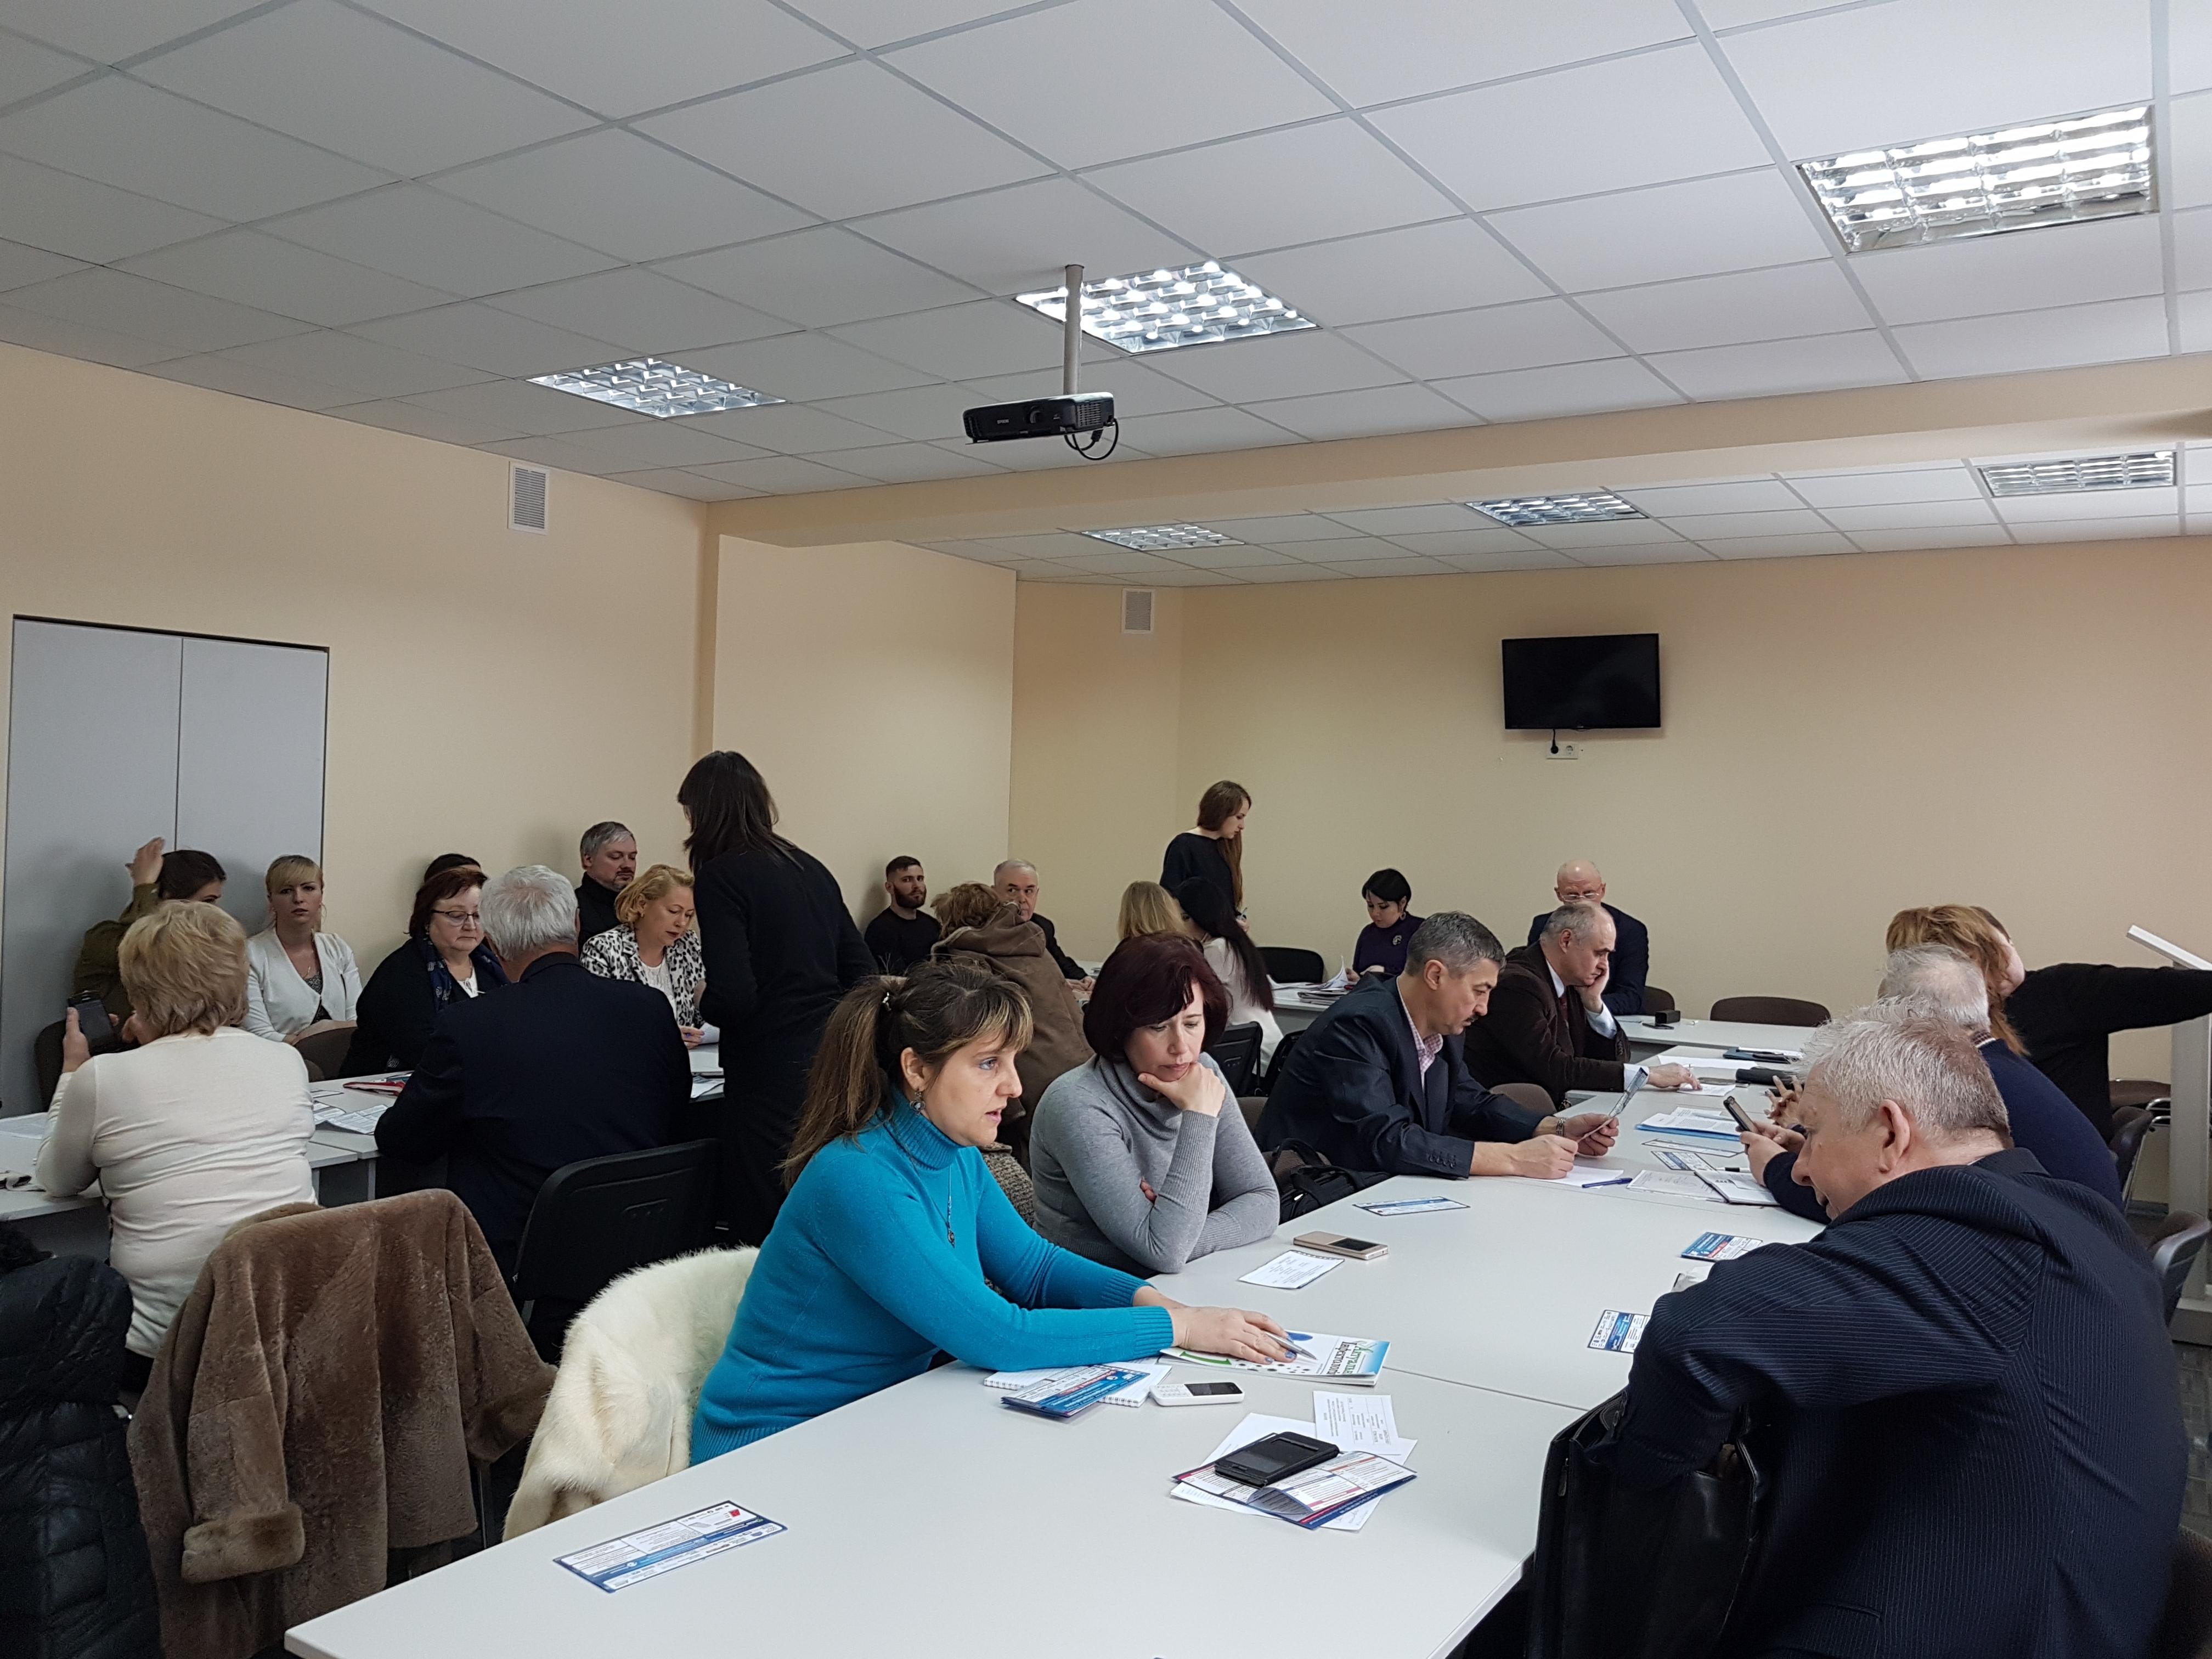 Організіція навчального процесу лікарів на засіданні вченої ради Інституту сімейної медицини НМАПО імені П.Л.Шупика